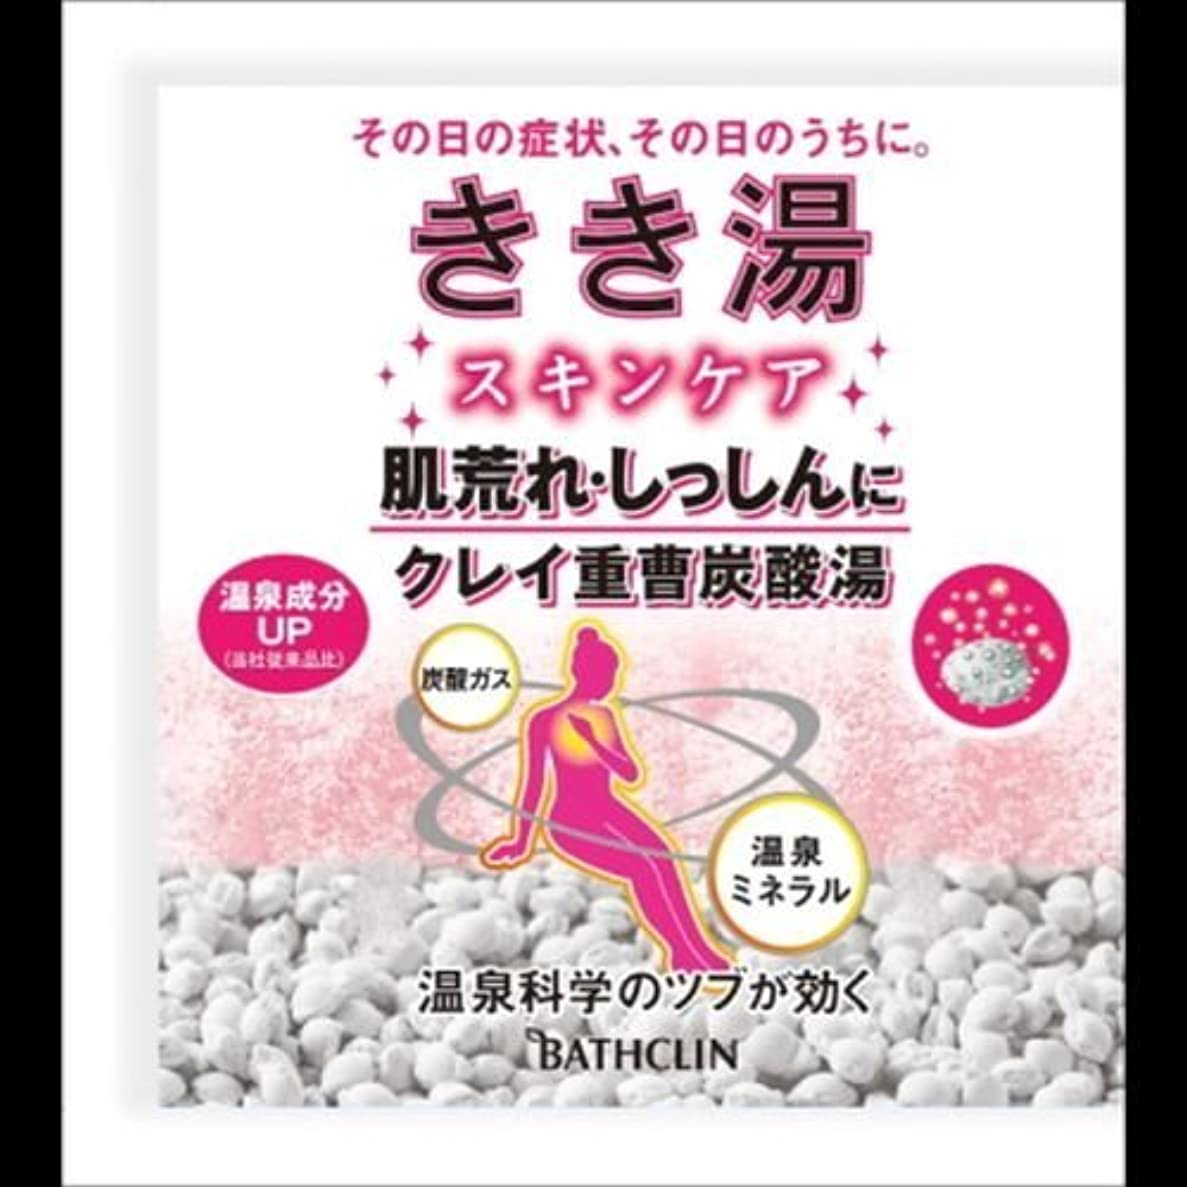 鎮痛剤驚いた彫刻家【まとめ買い】きき湯 クレイ重曹炭酸湯 30g(入浴剤) ×2セット